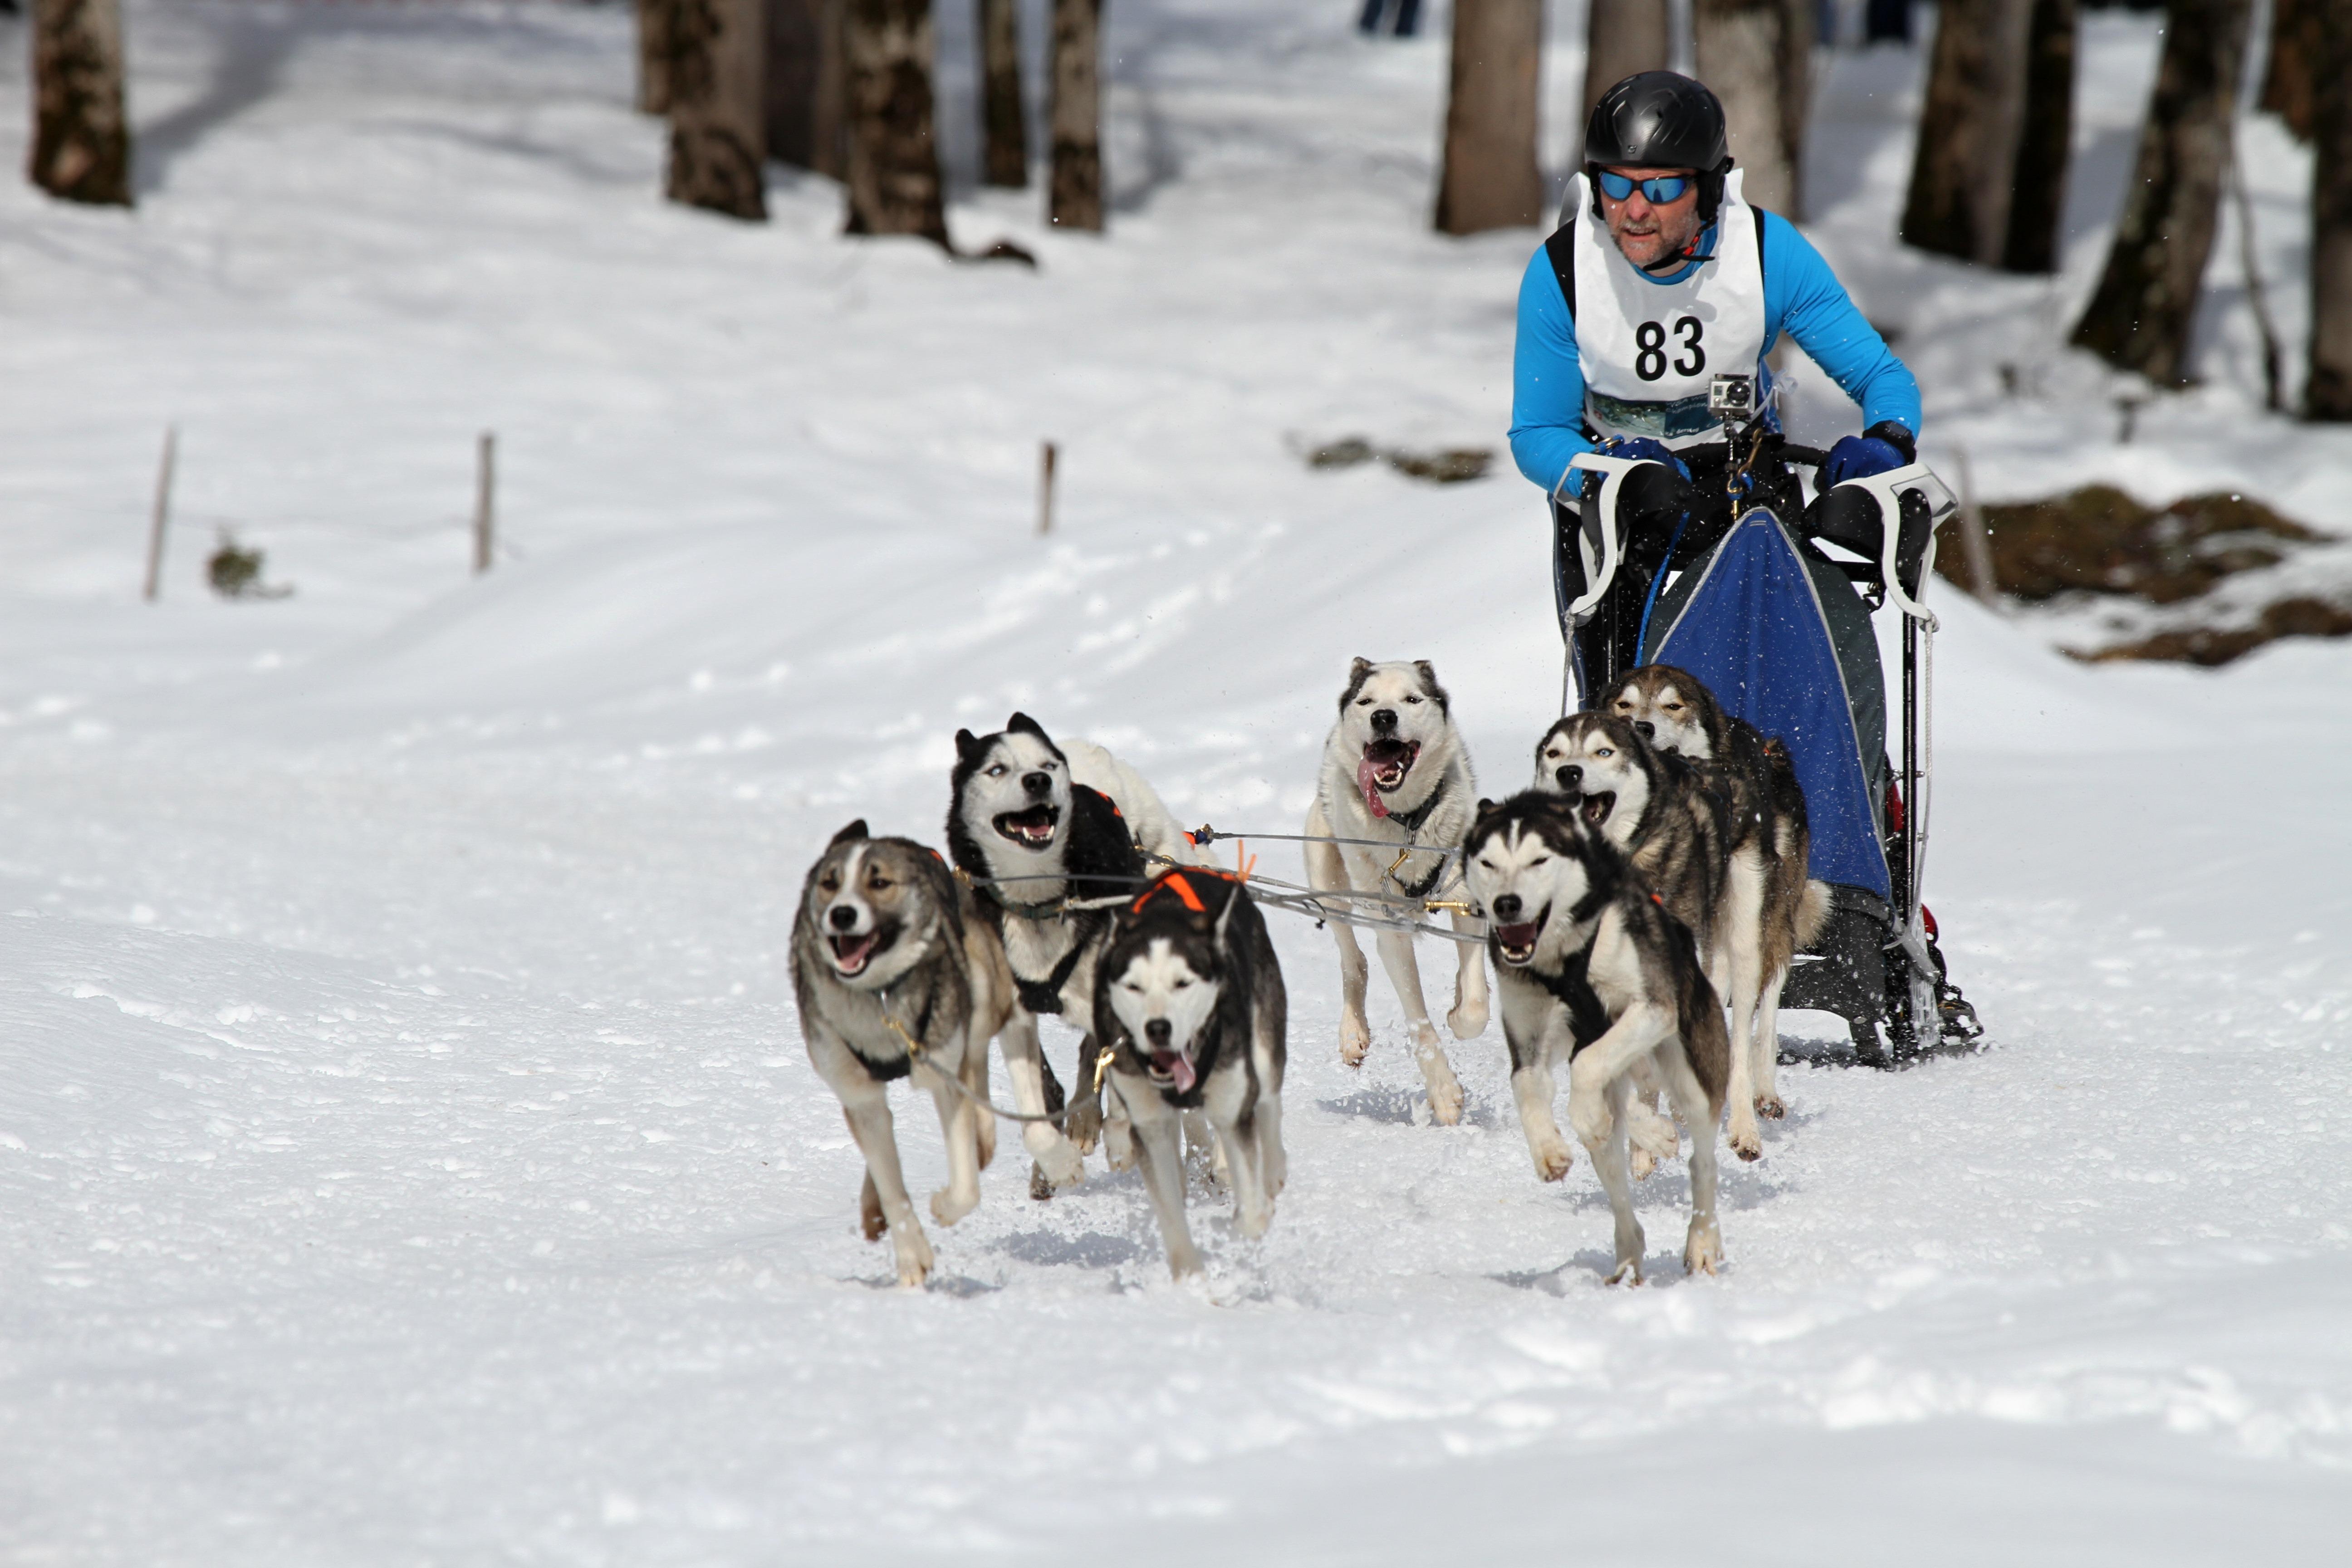 бег на собачьих упряжках